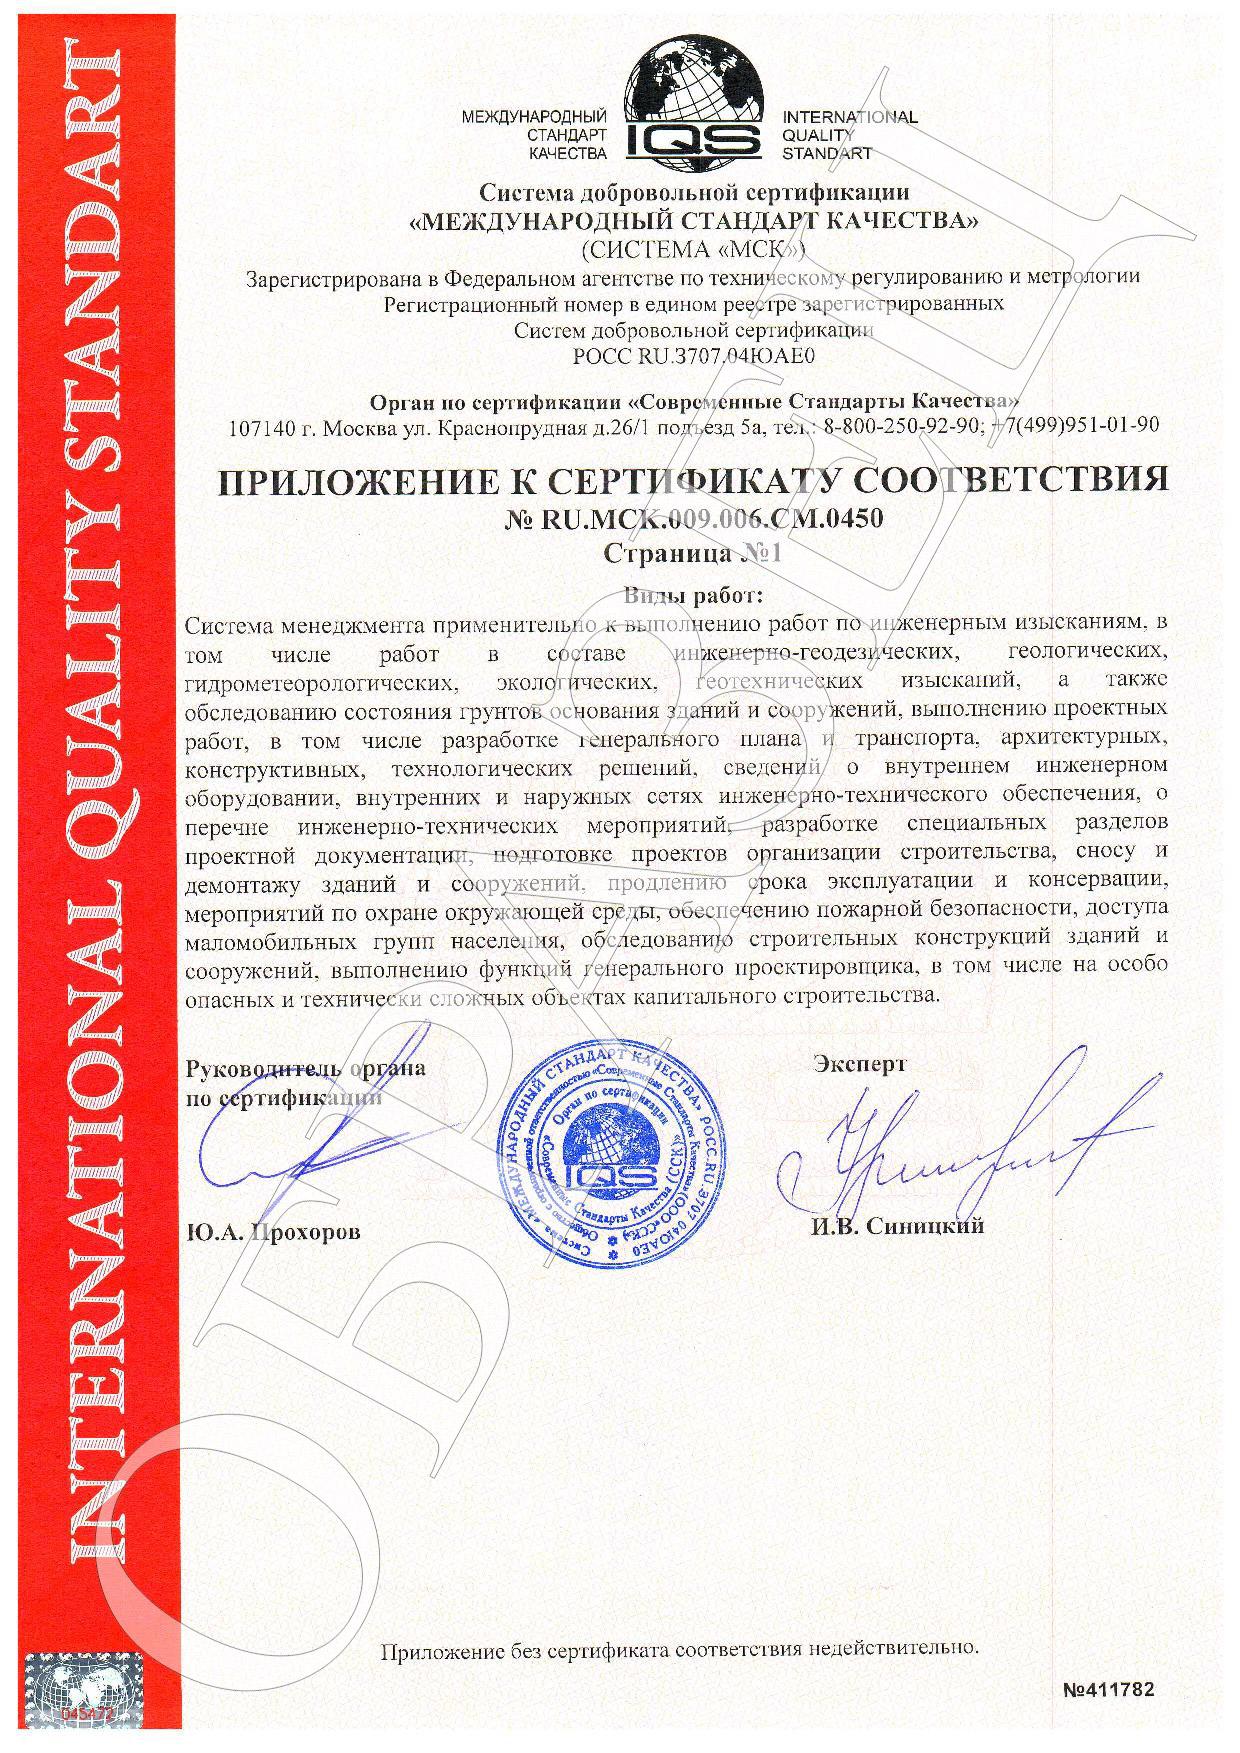 стоимость OHSAS 18001 2007 в Ступино